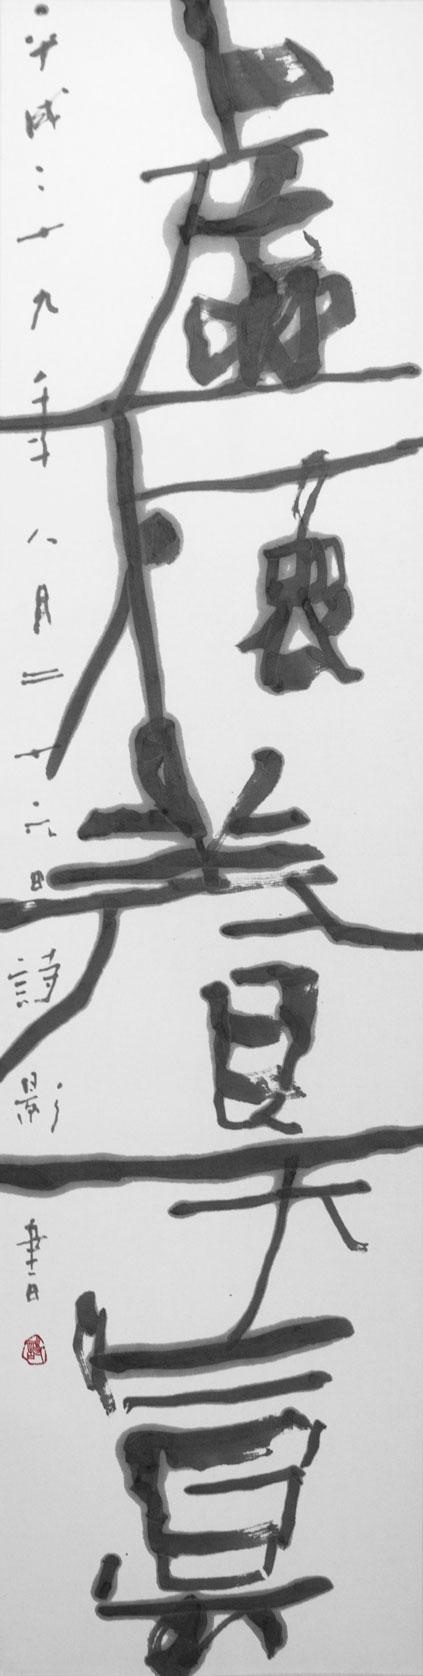 2017-jp-shodo-inspiration-756.jpg